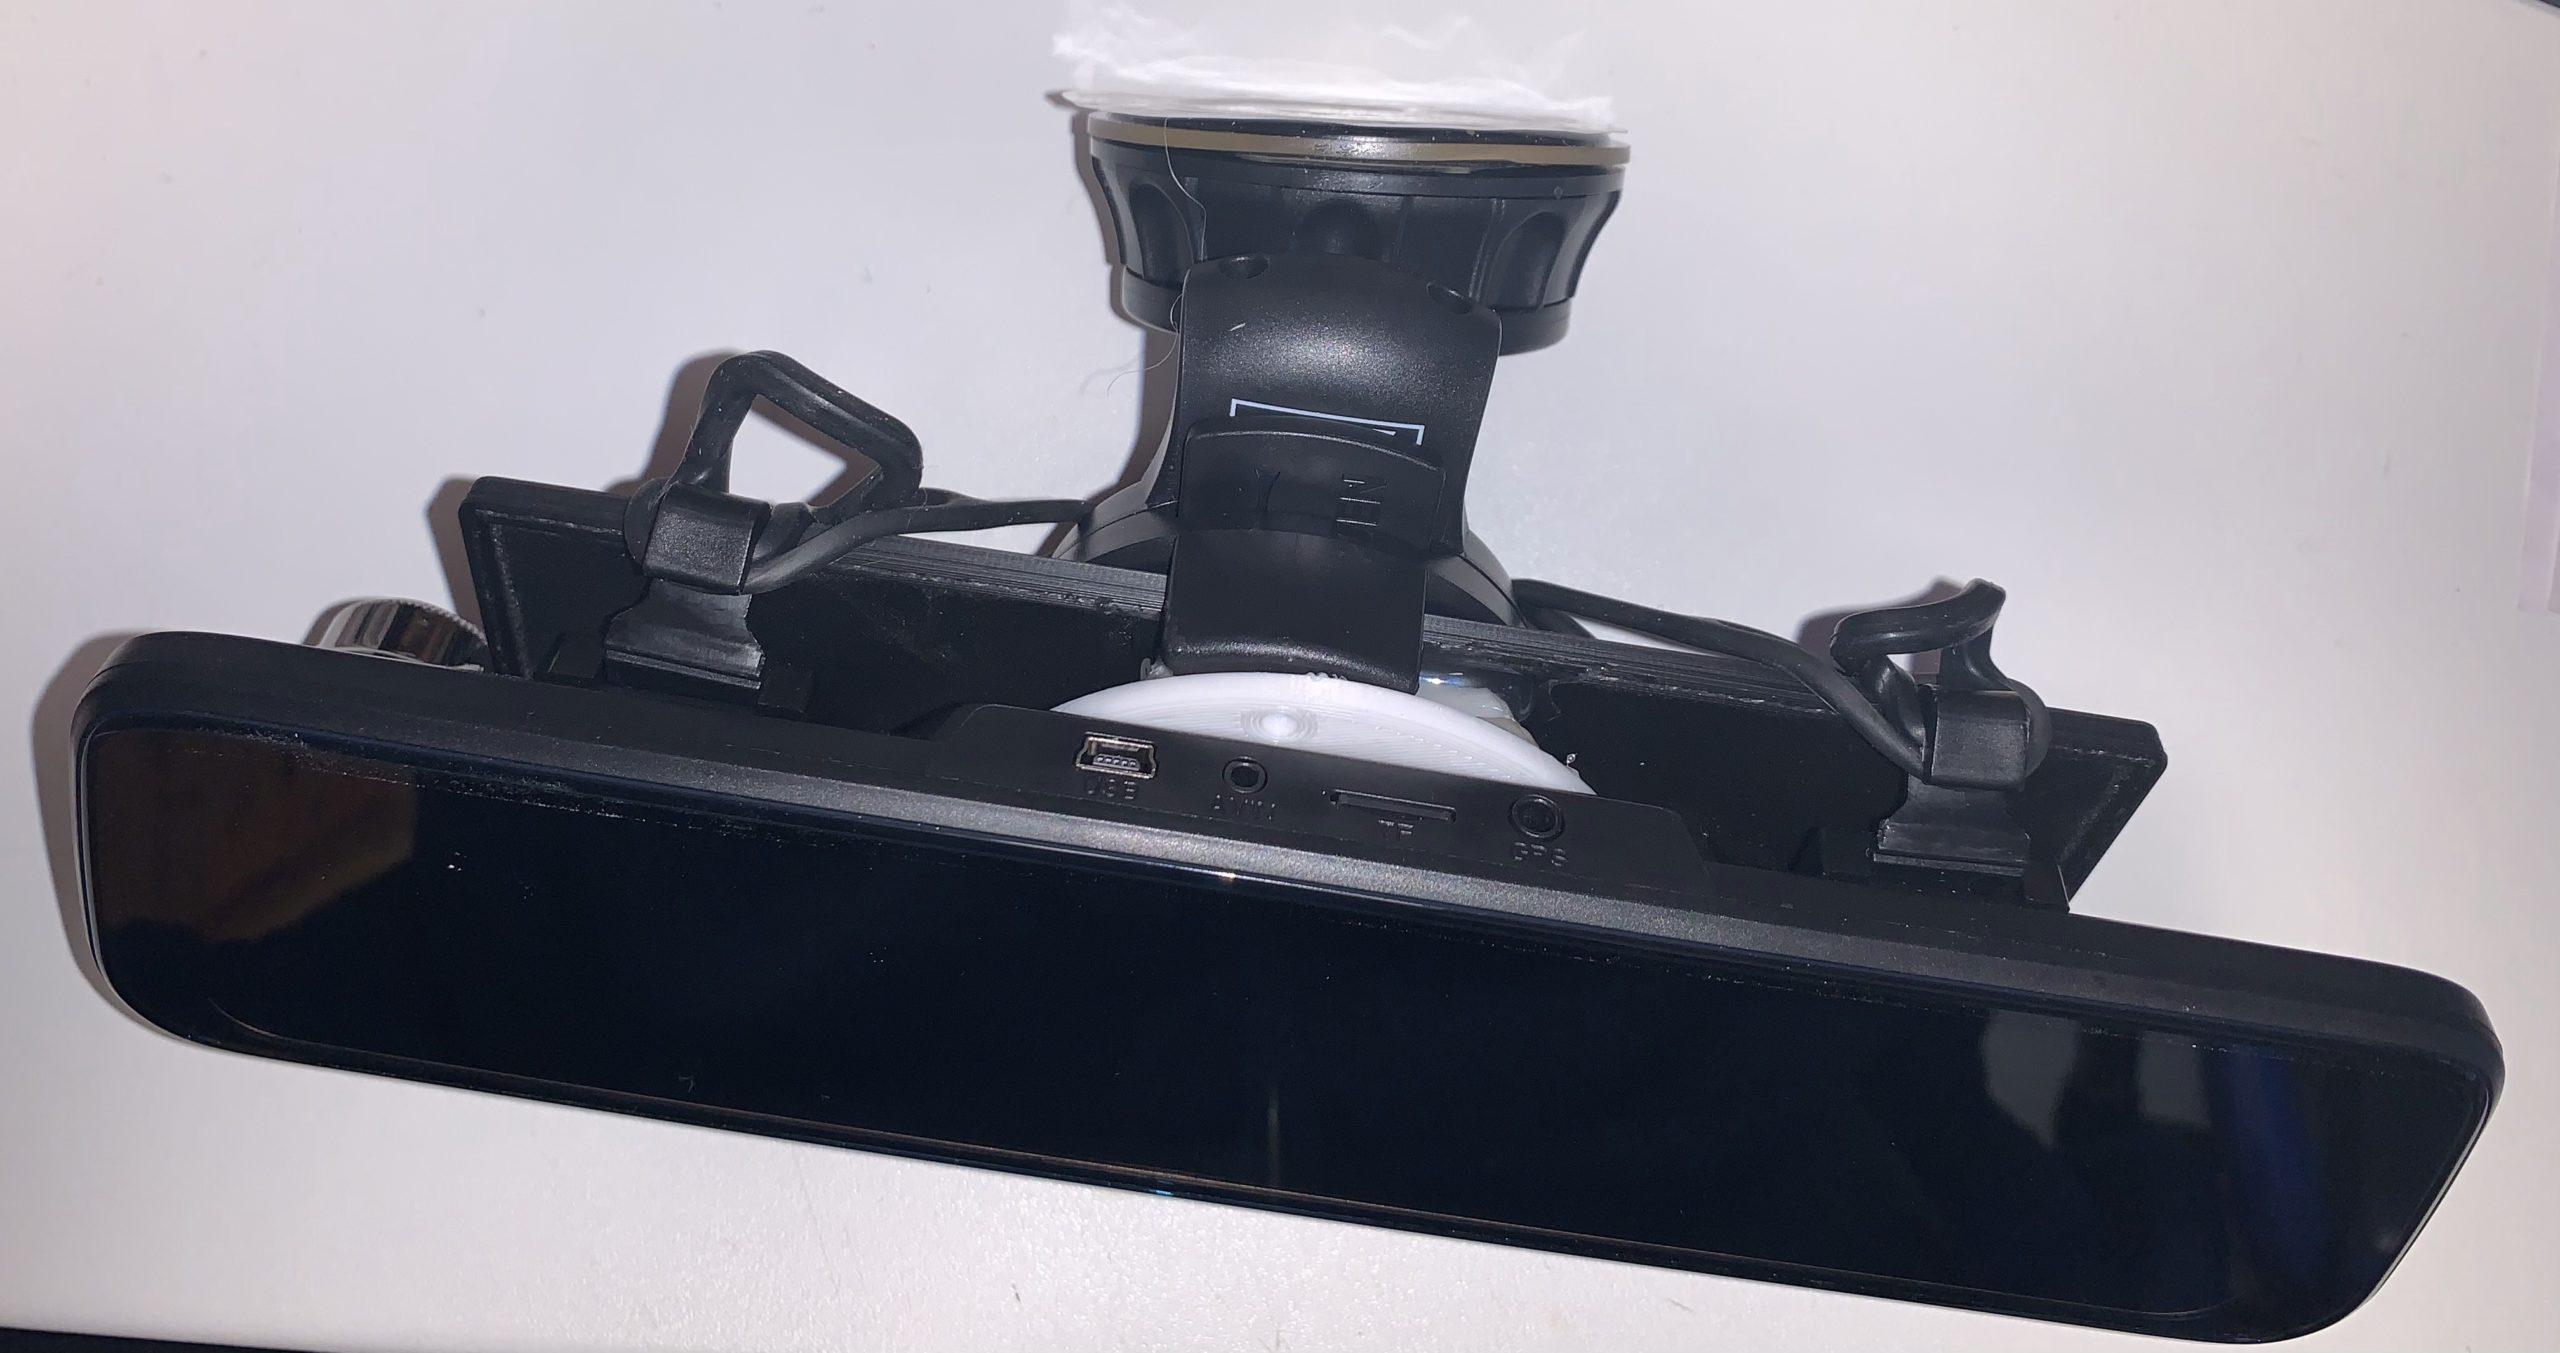 Handyhalter als Halter für den Kamera-Rückspiegel